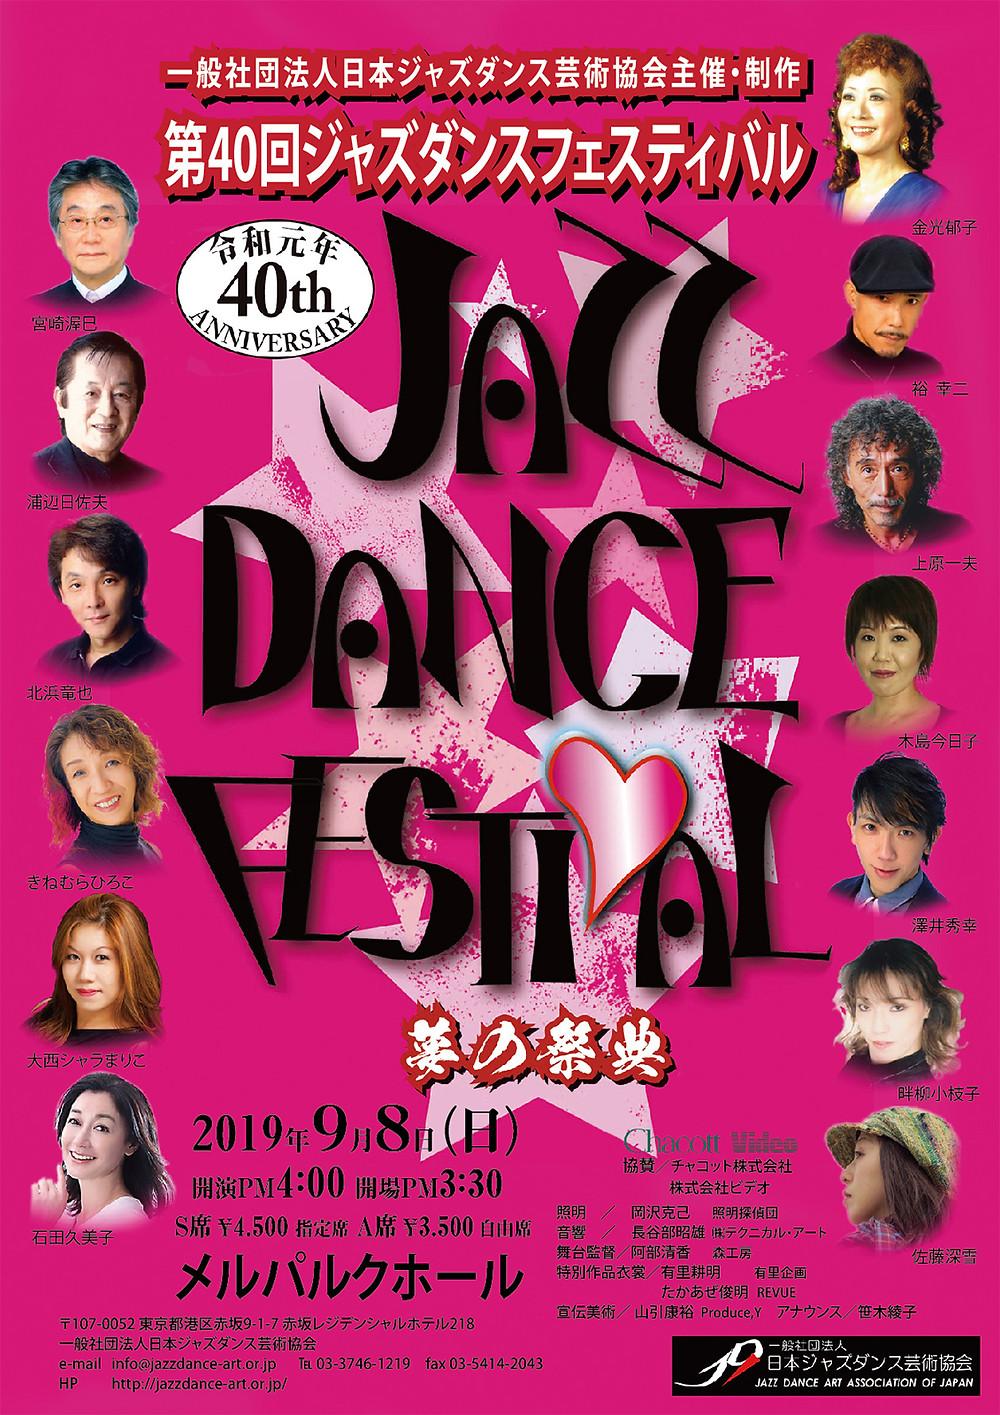 第40回ジャスダンスフェスティバルに出演致します/2019年9月8日(日) PM4:00開演